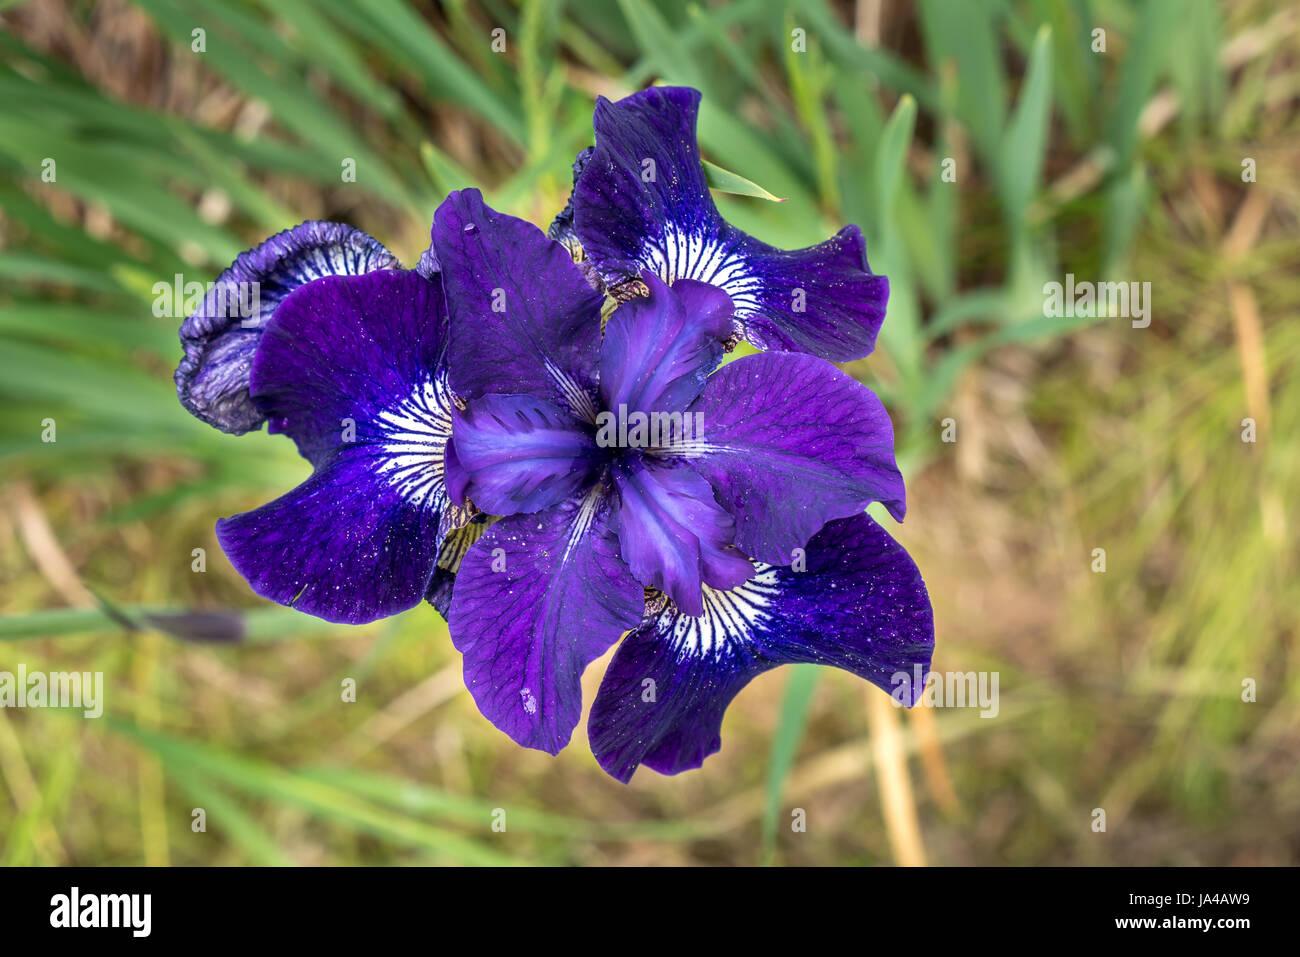 close-up-of-purple-siberian-iris-ruffled